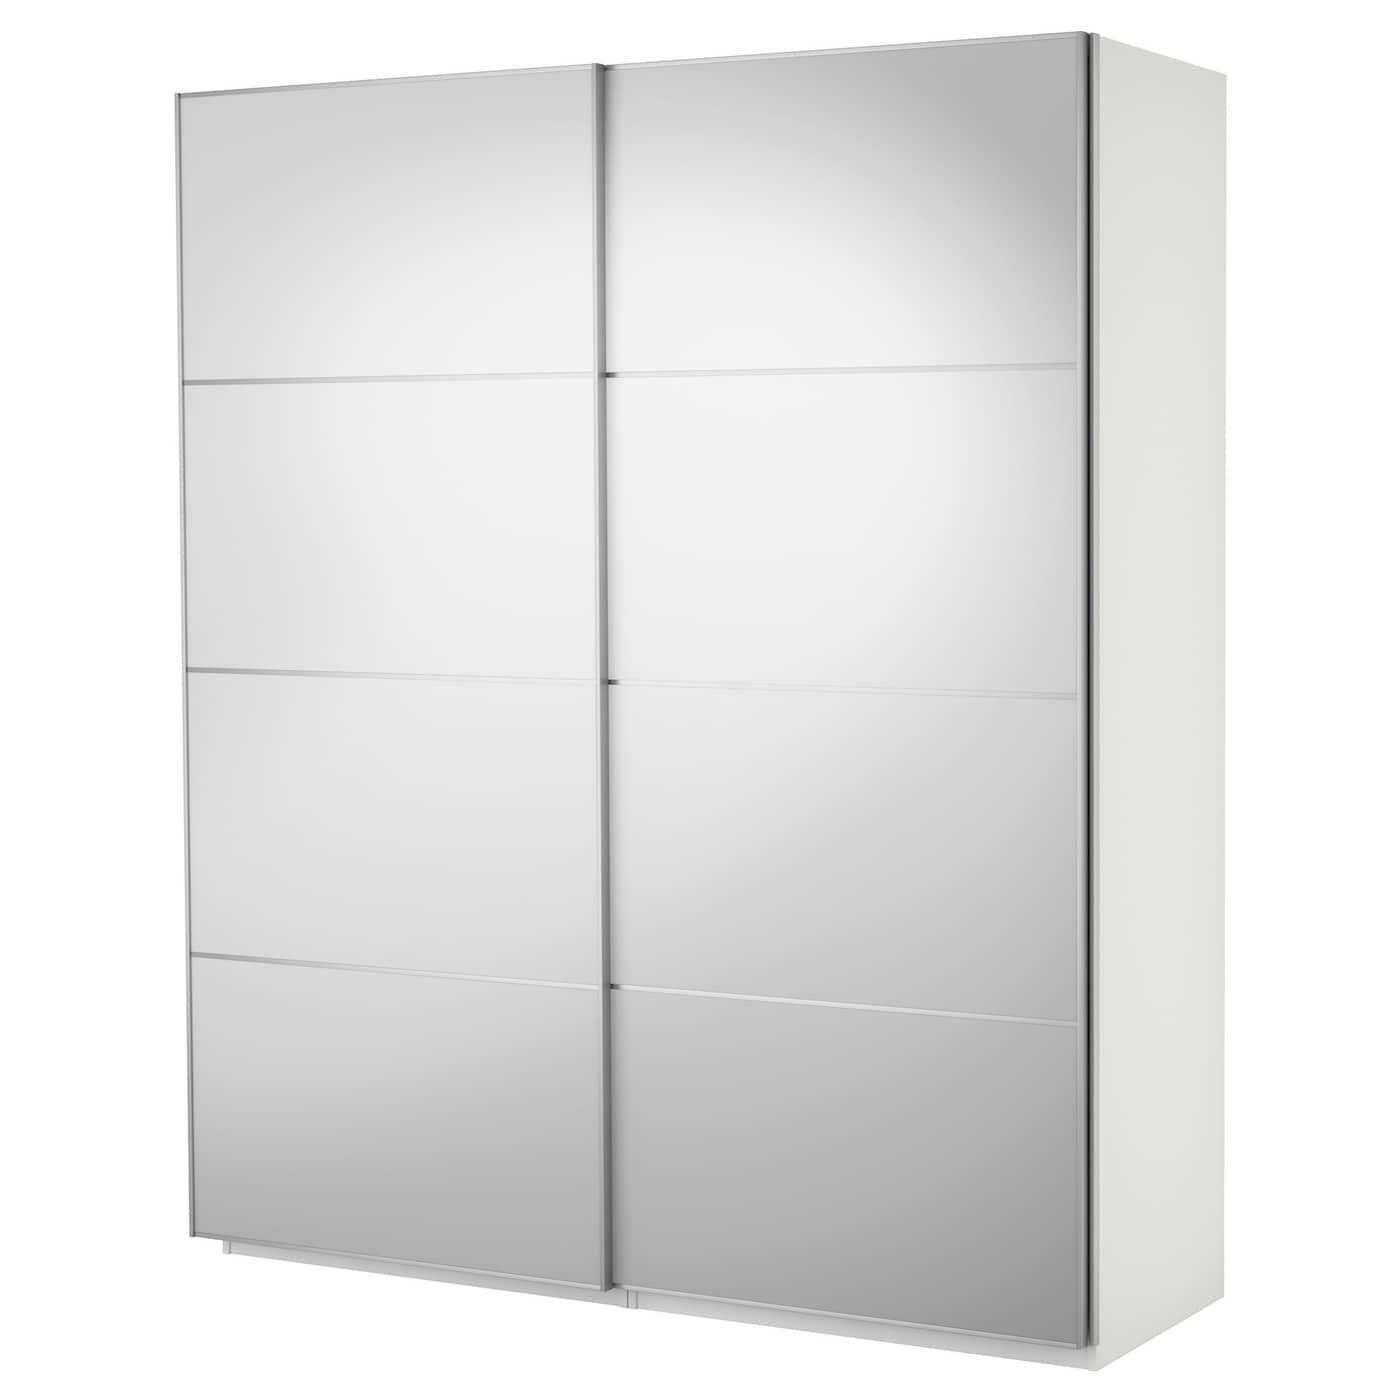 Pax armario con puertas correderas blanco auli espejo 200 - Puertas de interior ikea ...